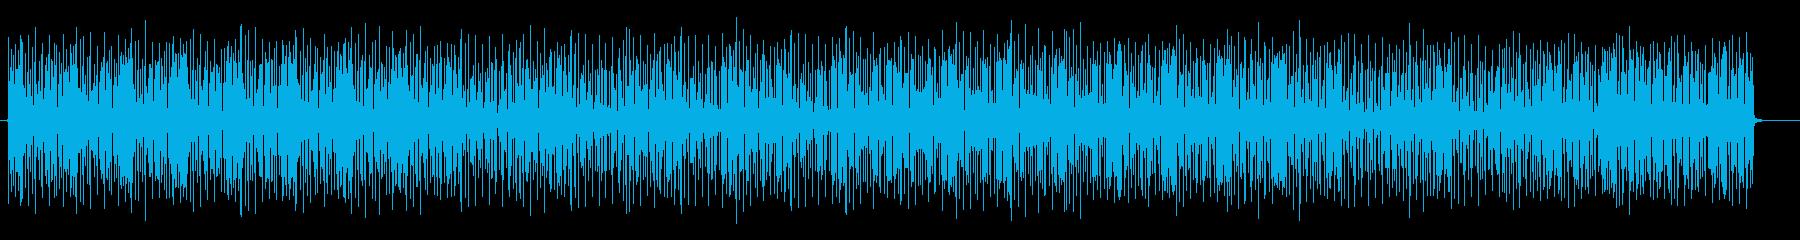 心躍るヒップホップ系サウンドの再生済みの波形